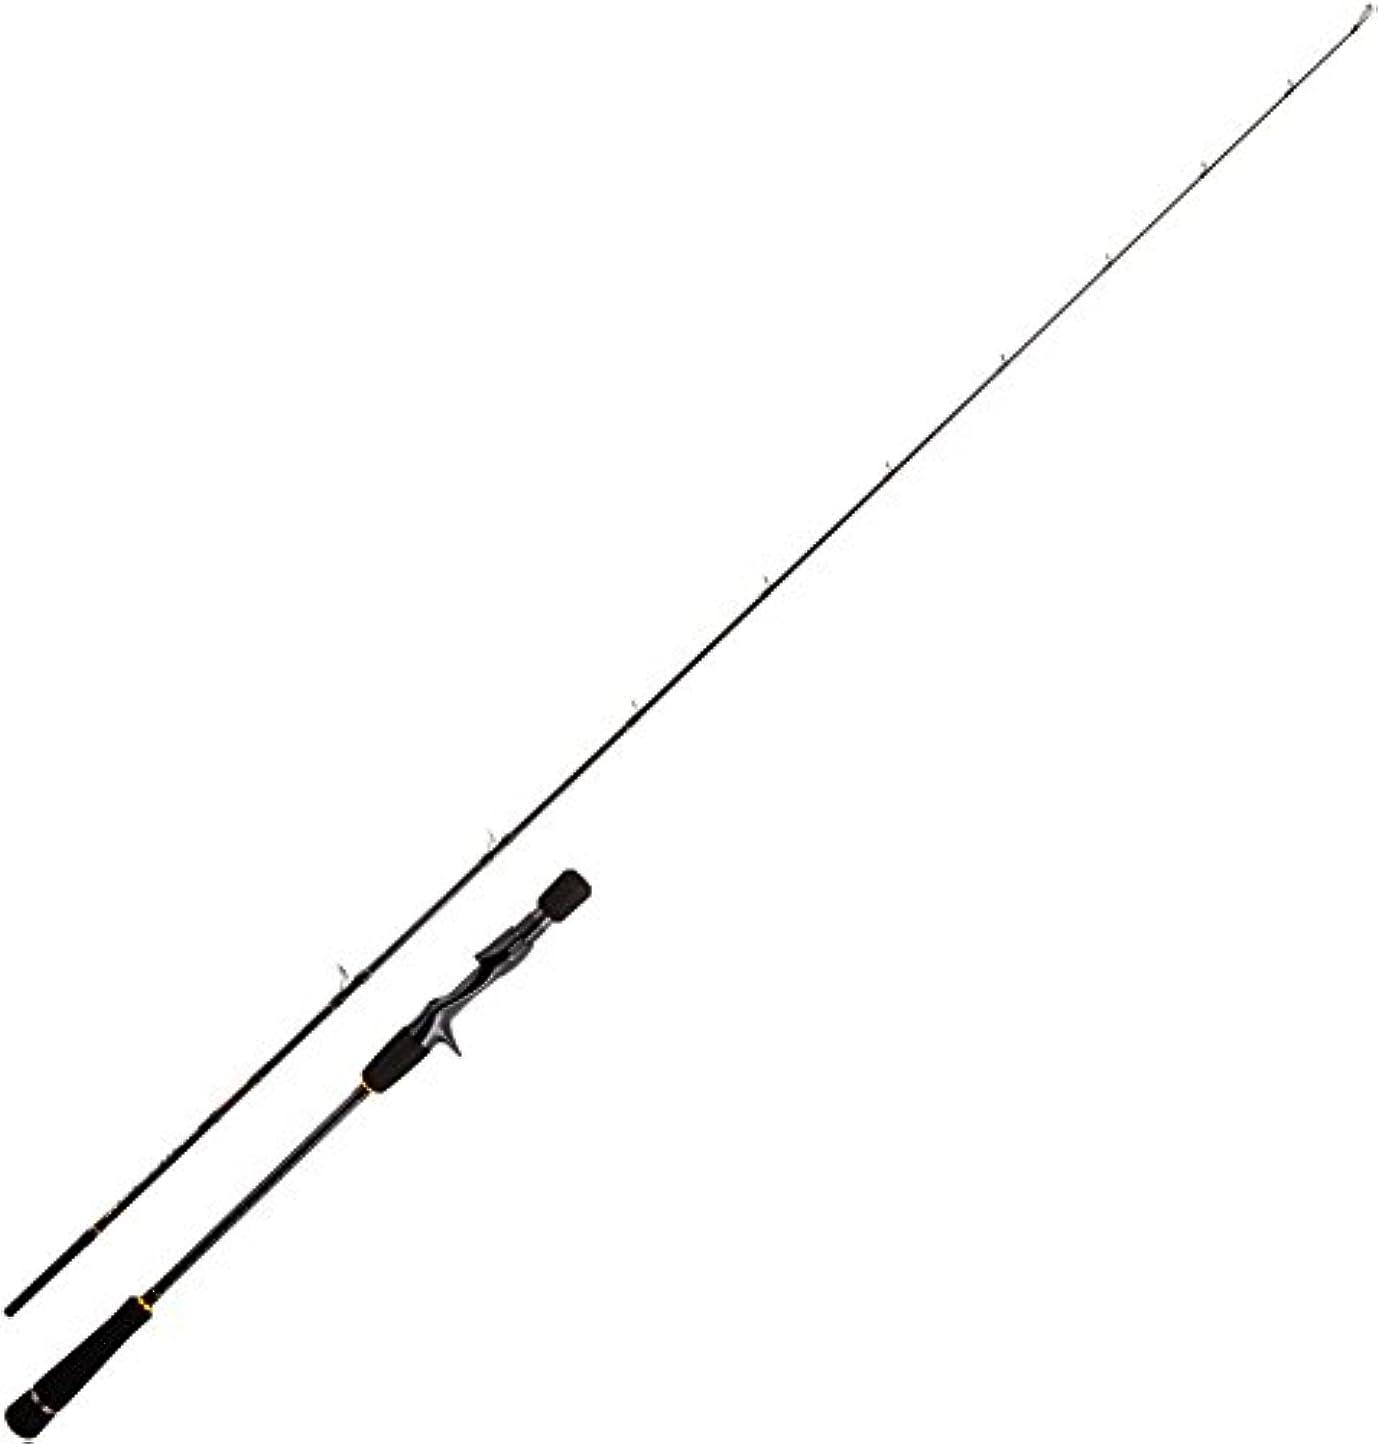 かみそりクリーク前提条件メジャークラフト ライトジギングロッド ベイト 3代目 クロステージ スーパーライトジギング CRXJ-B64M/LJ 6.4フィート 釣り竿